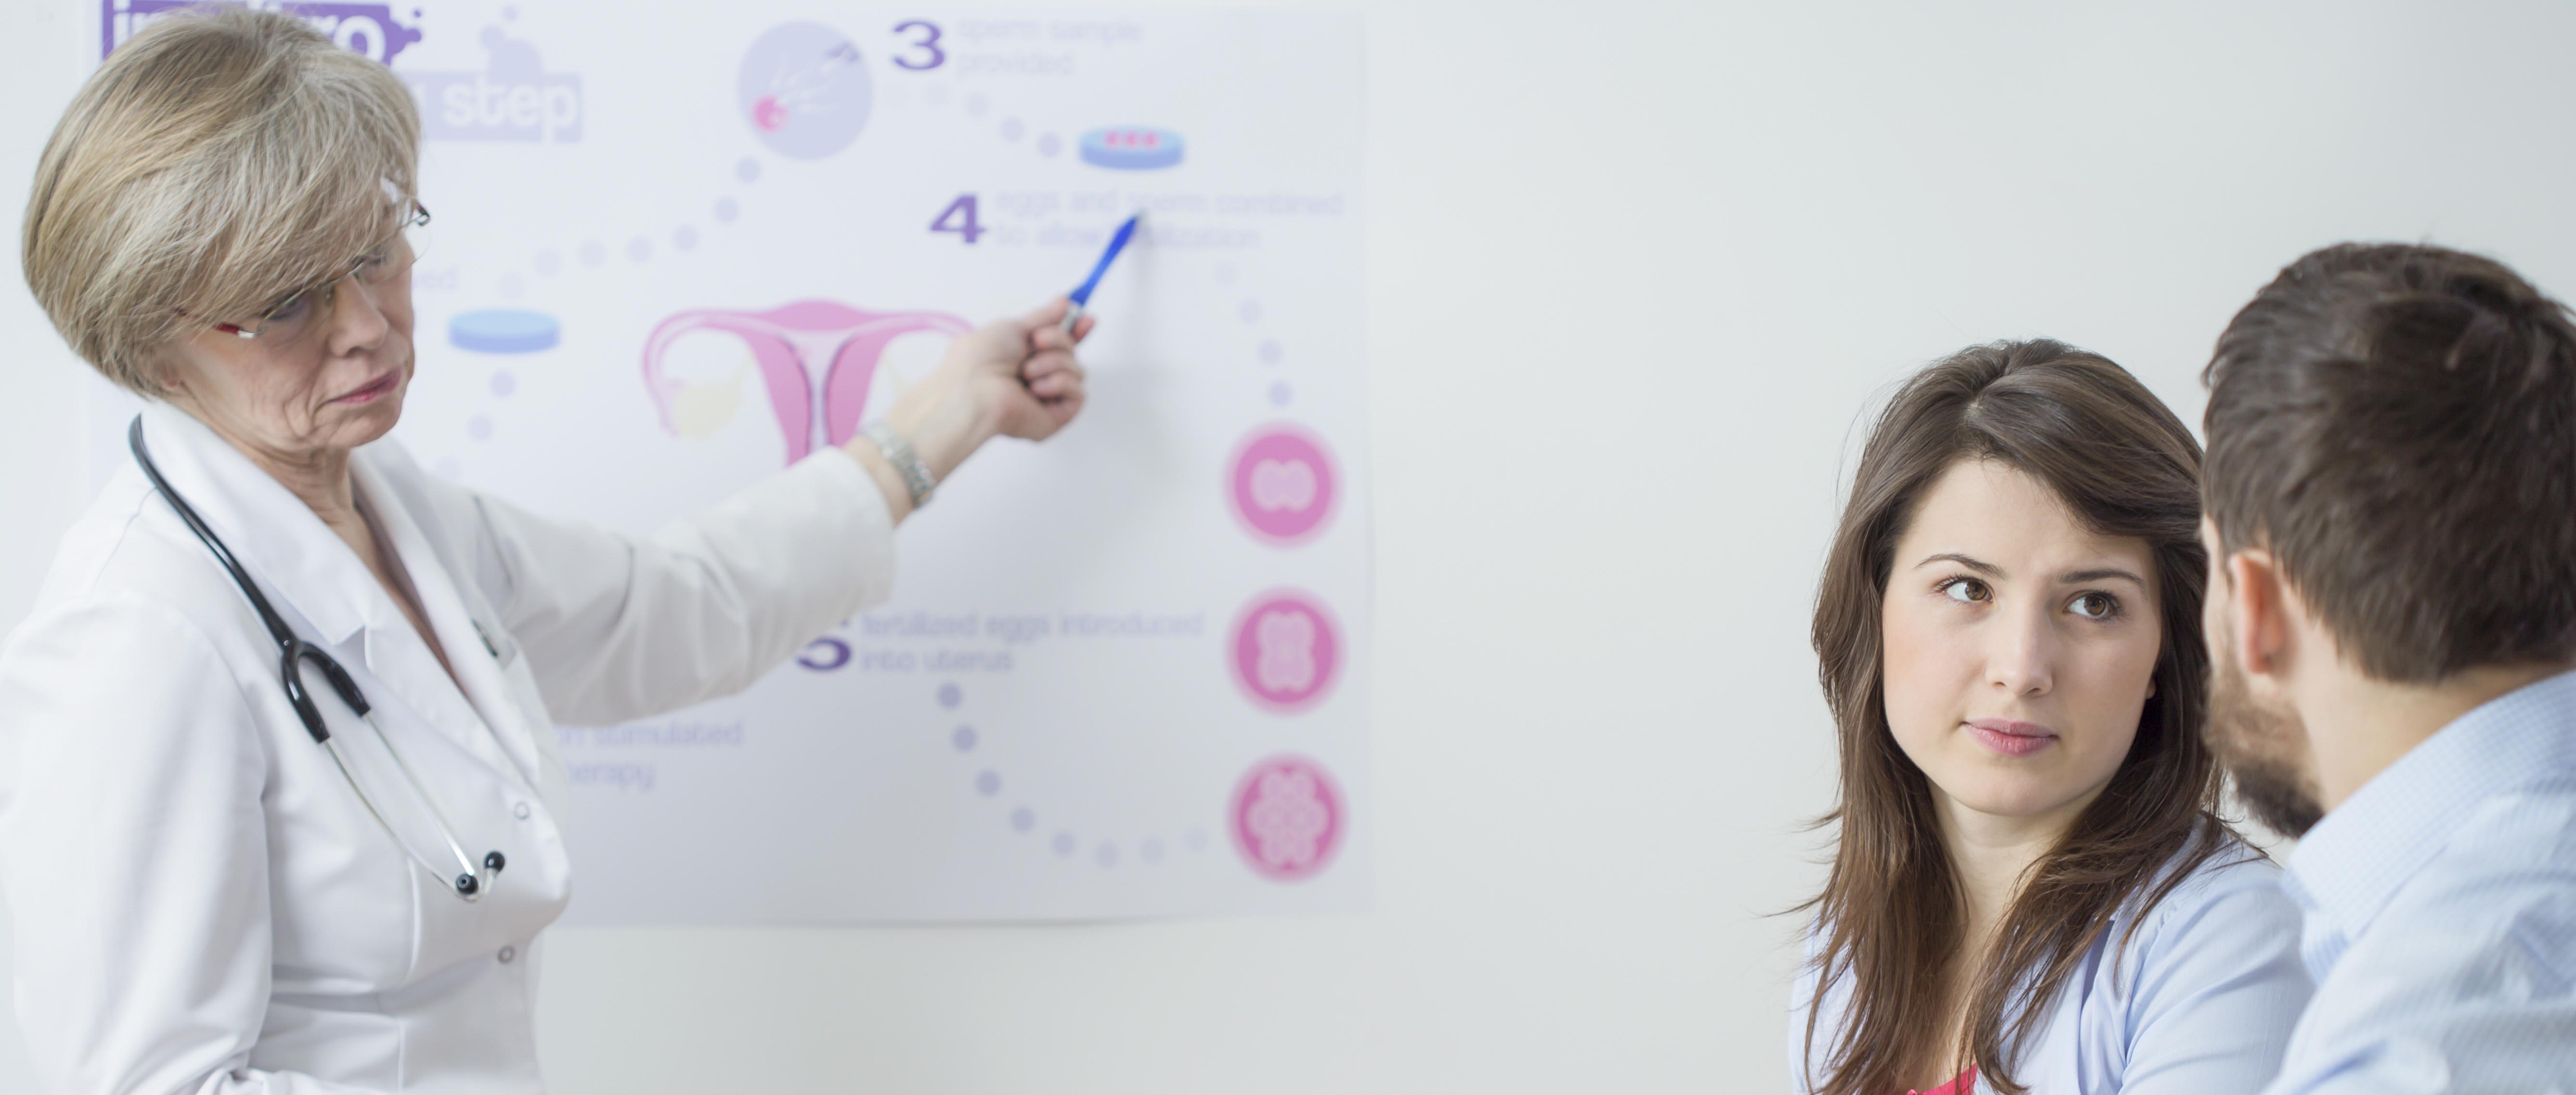 Patient care at fertility clinics